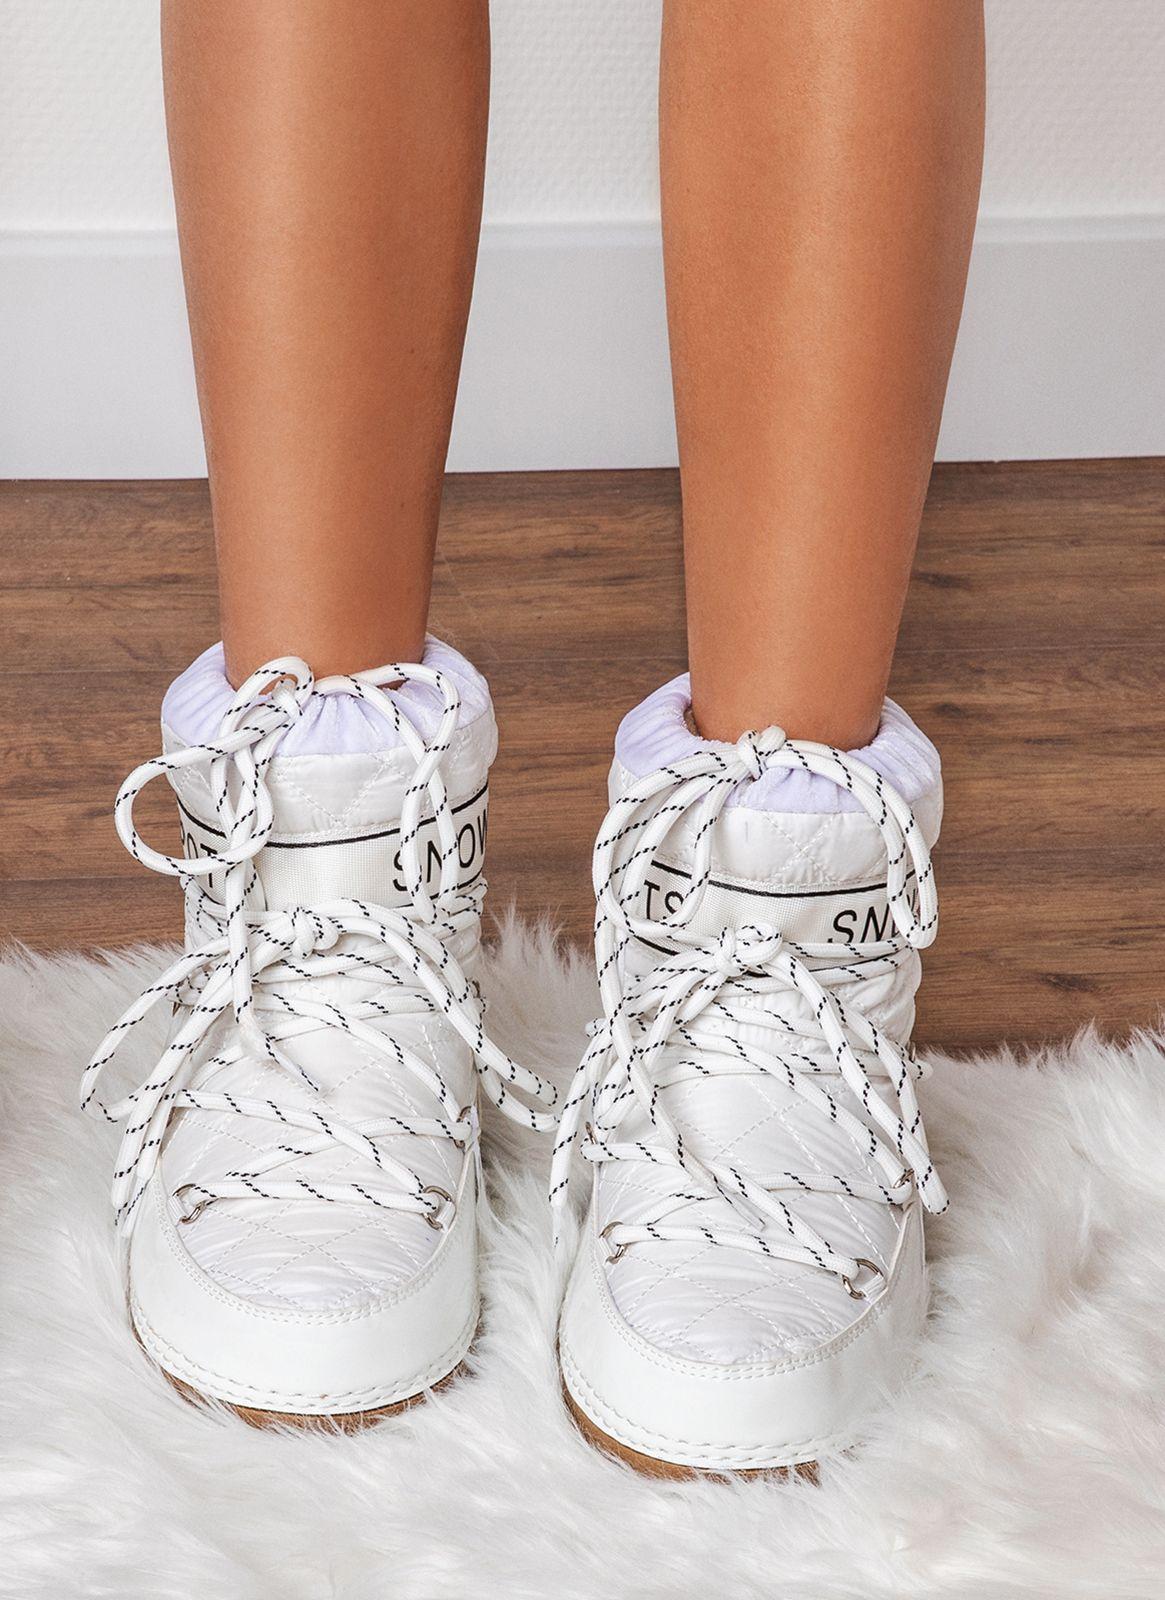 Deezee Deezee Shoes Boots Buty Botki Instagram Sklep Internetowy Kup Online Deezee Pl Shoes Wedding Sneaker Boots